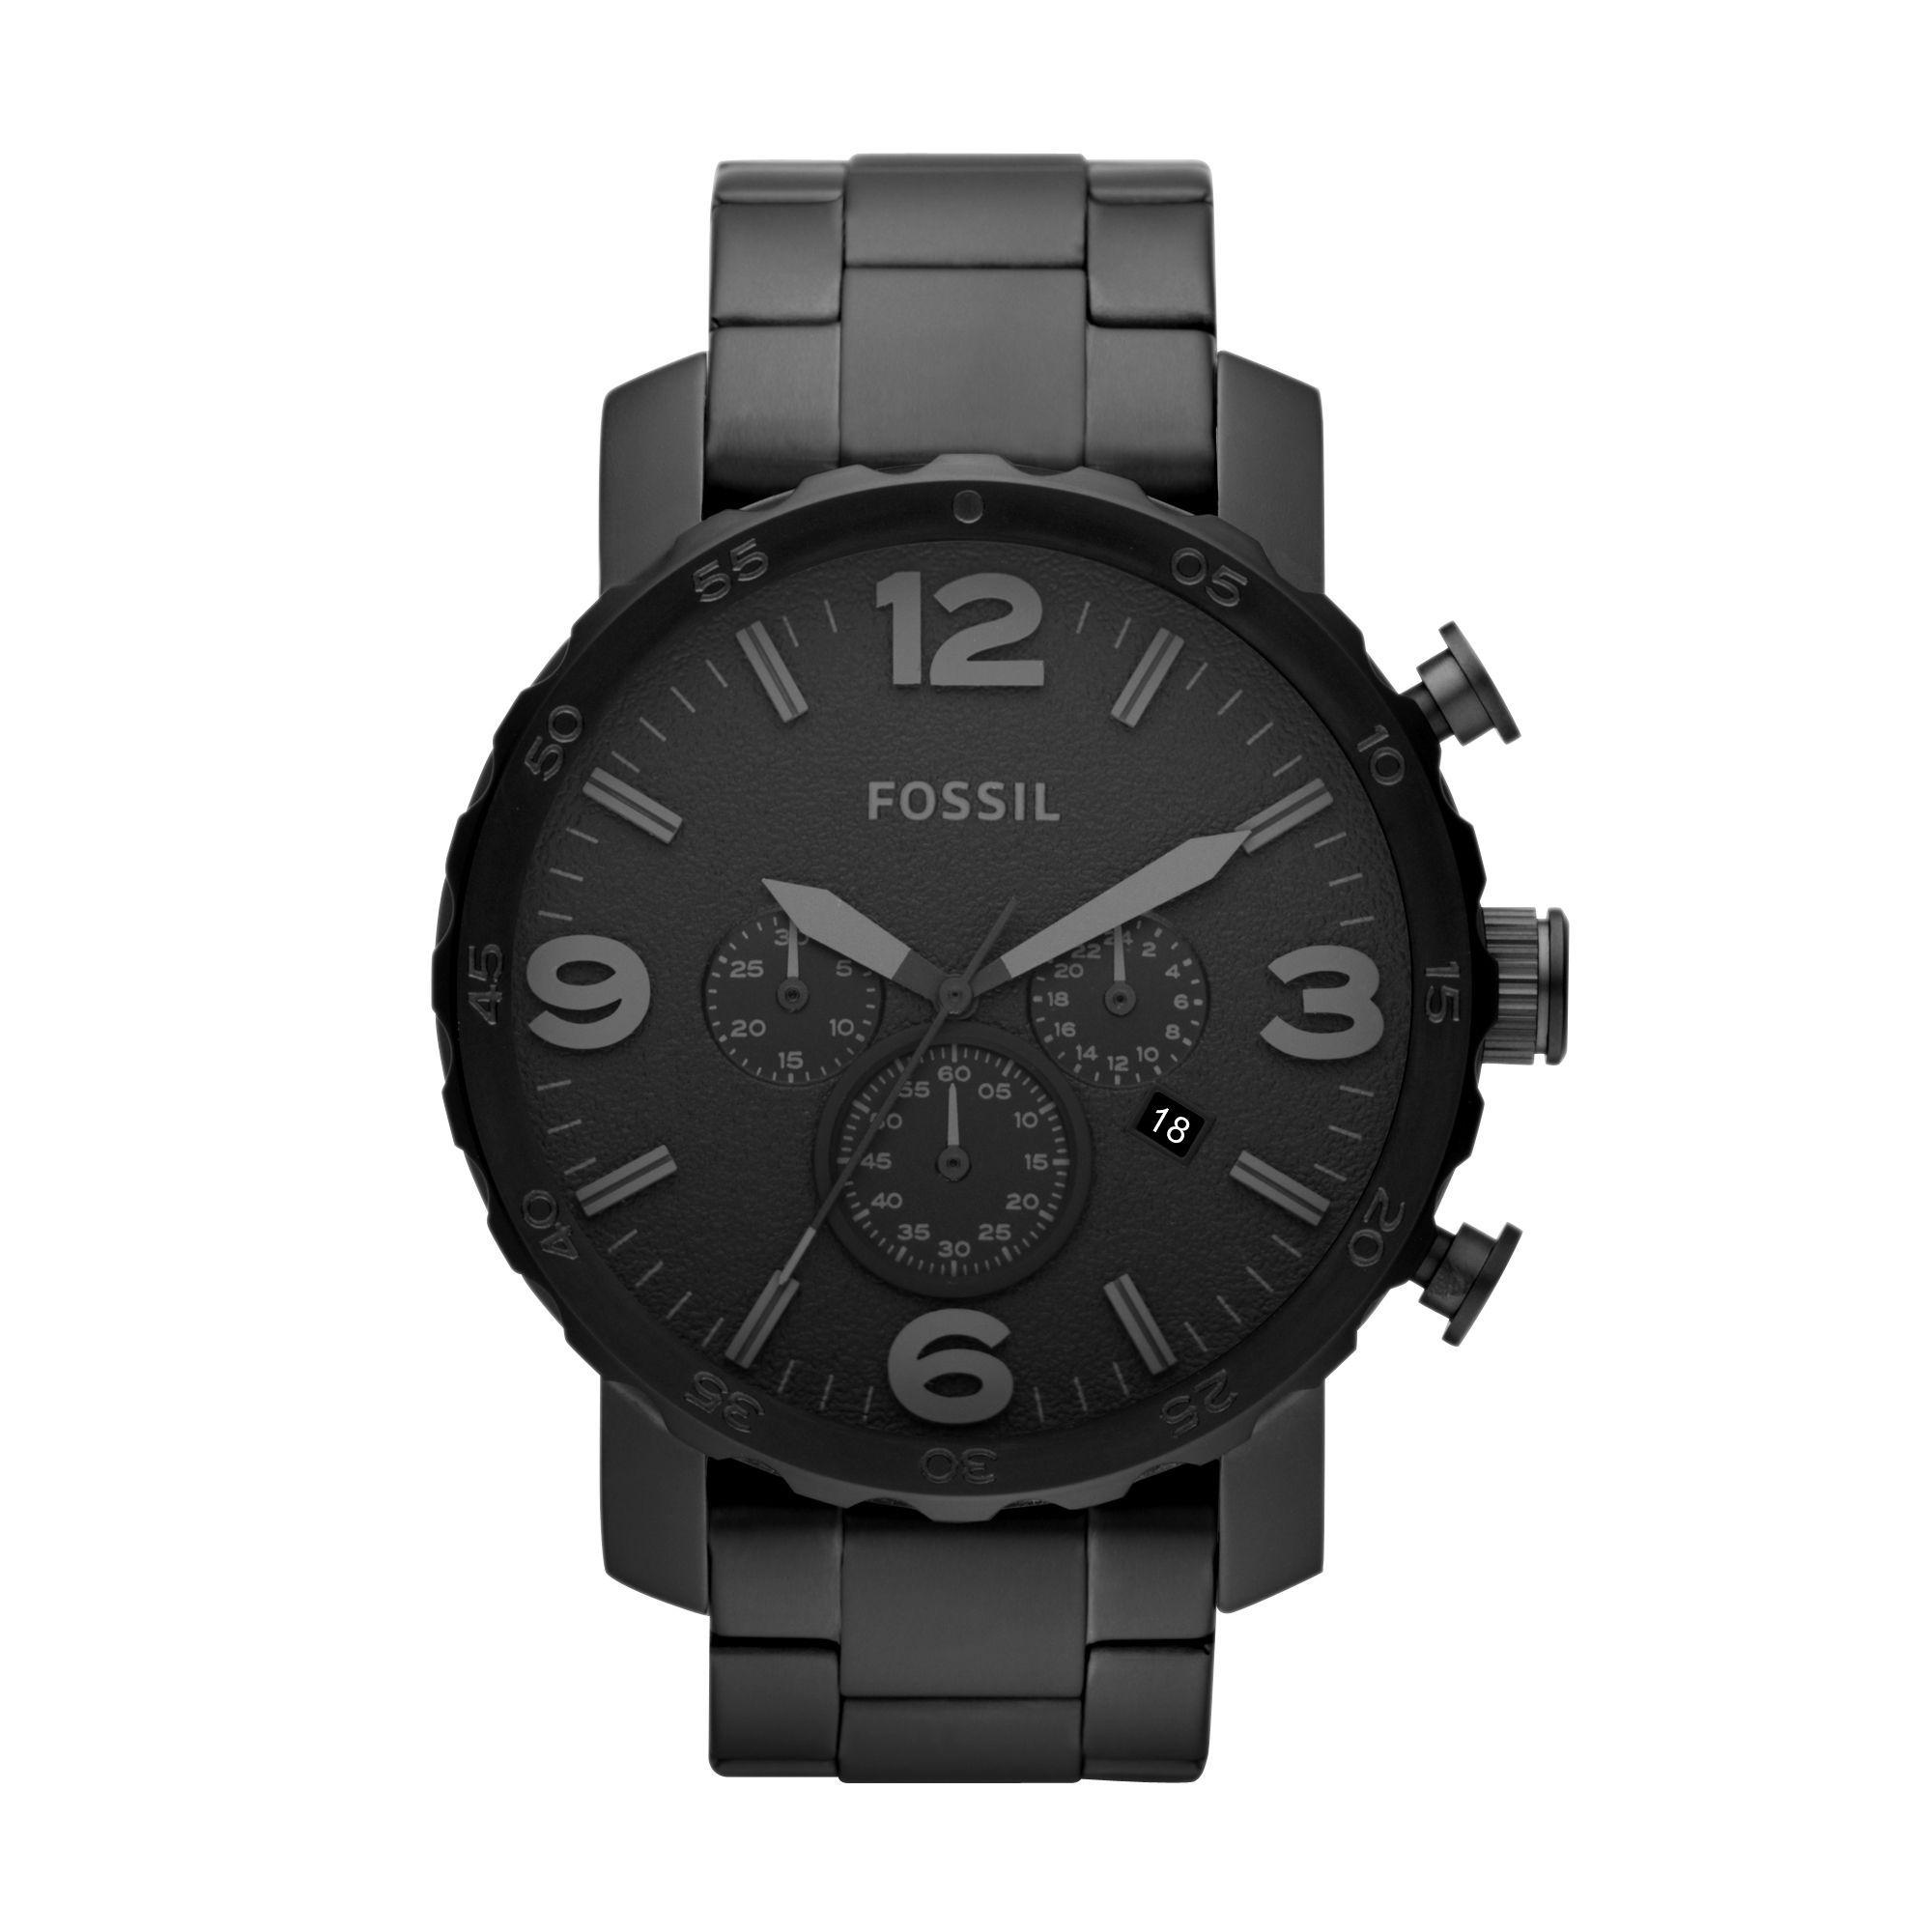 Sportlicher Chronograph in trendigem Schwarz. Die Fossil Nate, Modell JR1401, bekommen Sie bei uns mit persönlicher Gravur. Für ein ganz individuelles Geschenk.